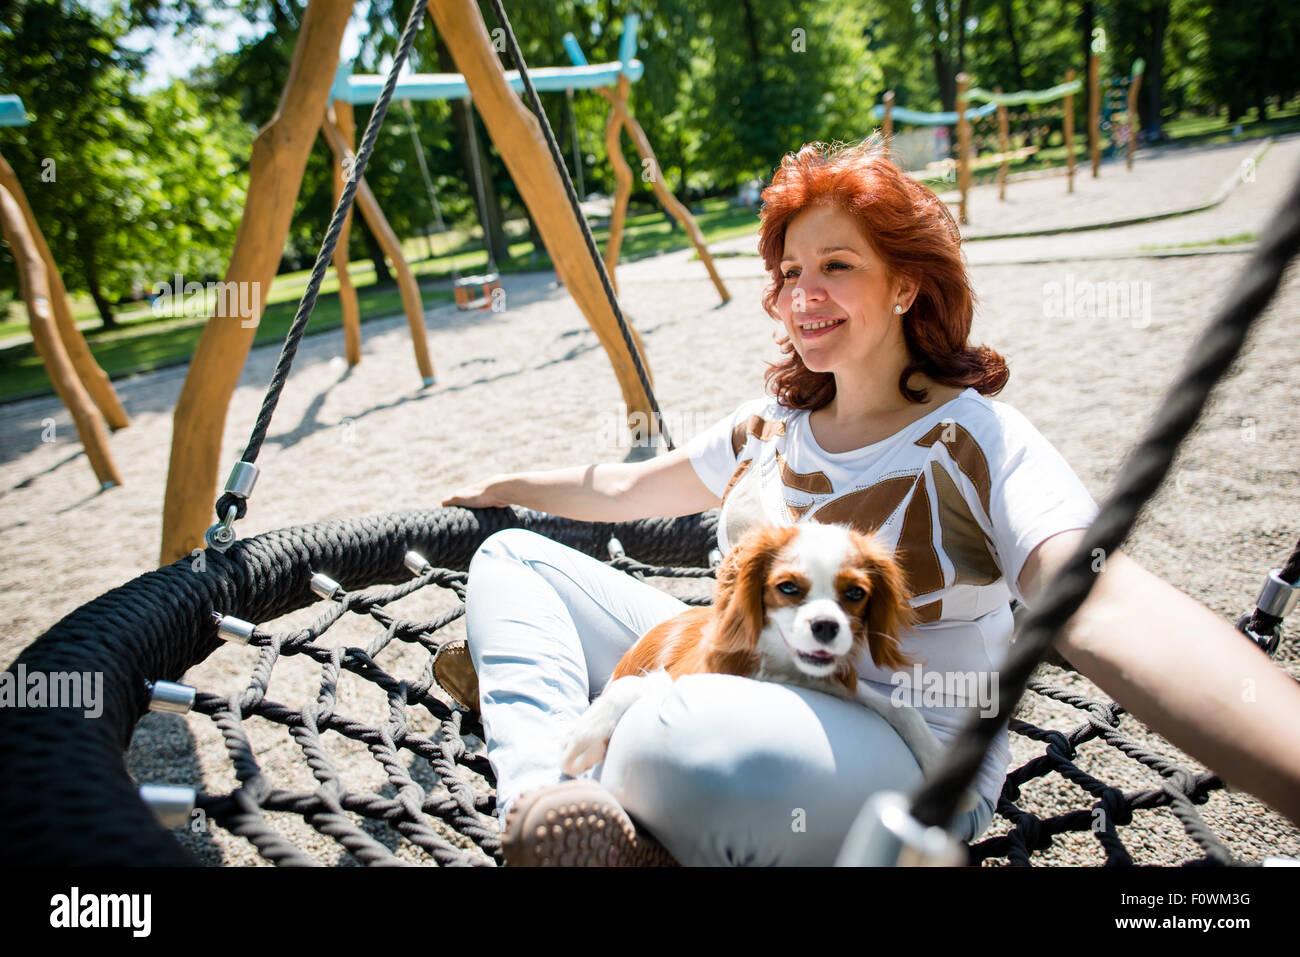 Femme mature se balancer avec son ami des animaux à l'extérieur de jeu pour enfants Photo Stock